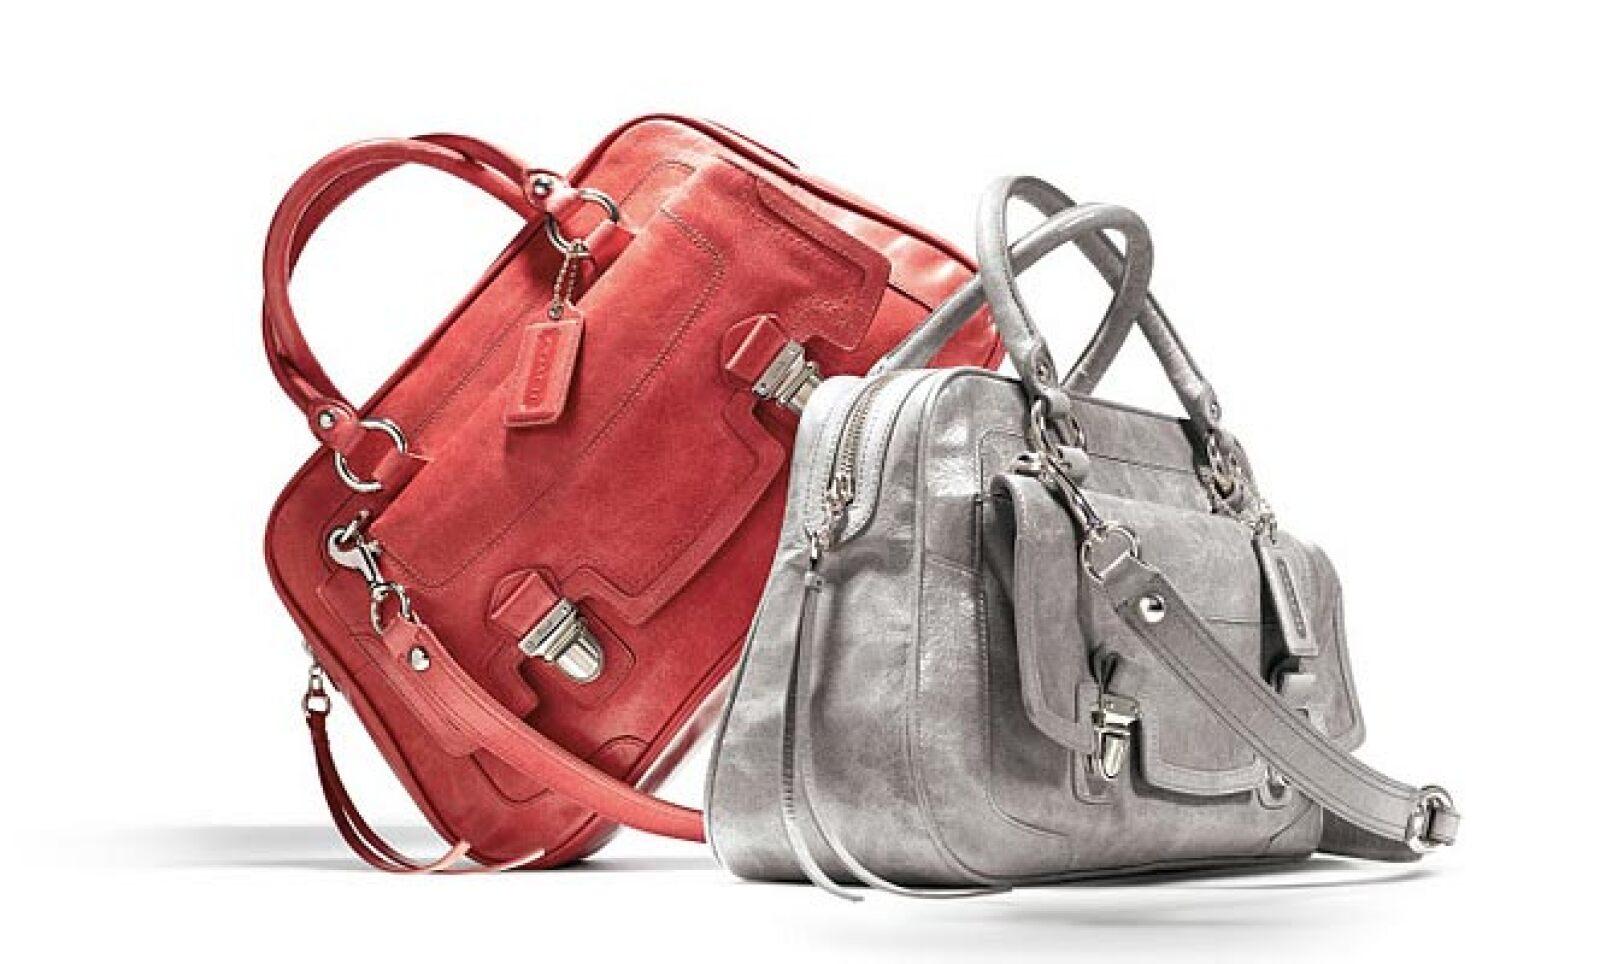 Estas bolsas tienen seis compartimentos, ideales para salir del hogar con todo lo necesario.